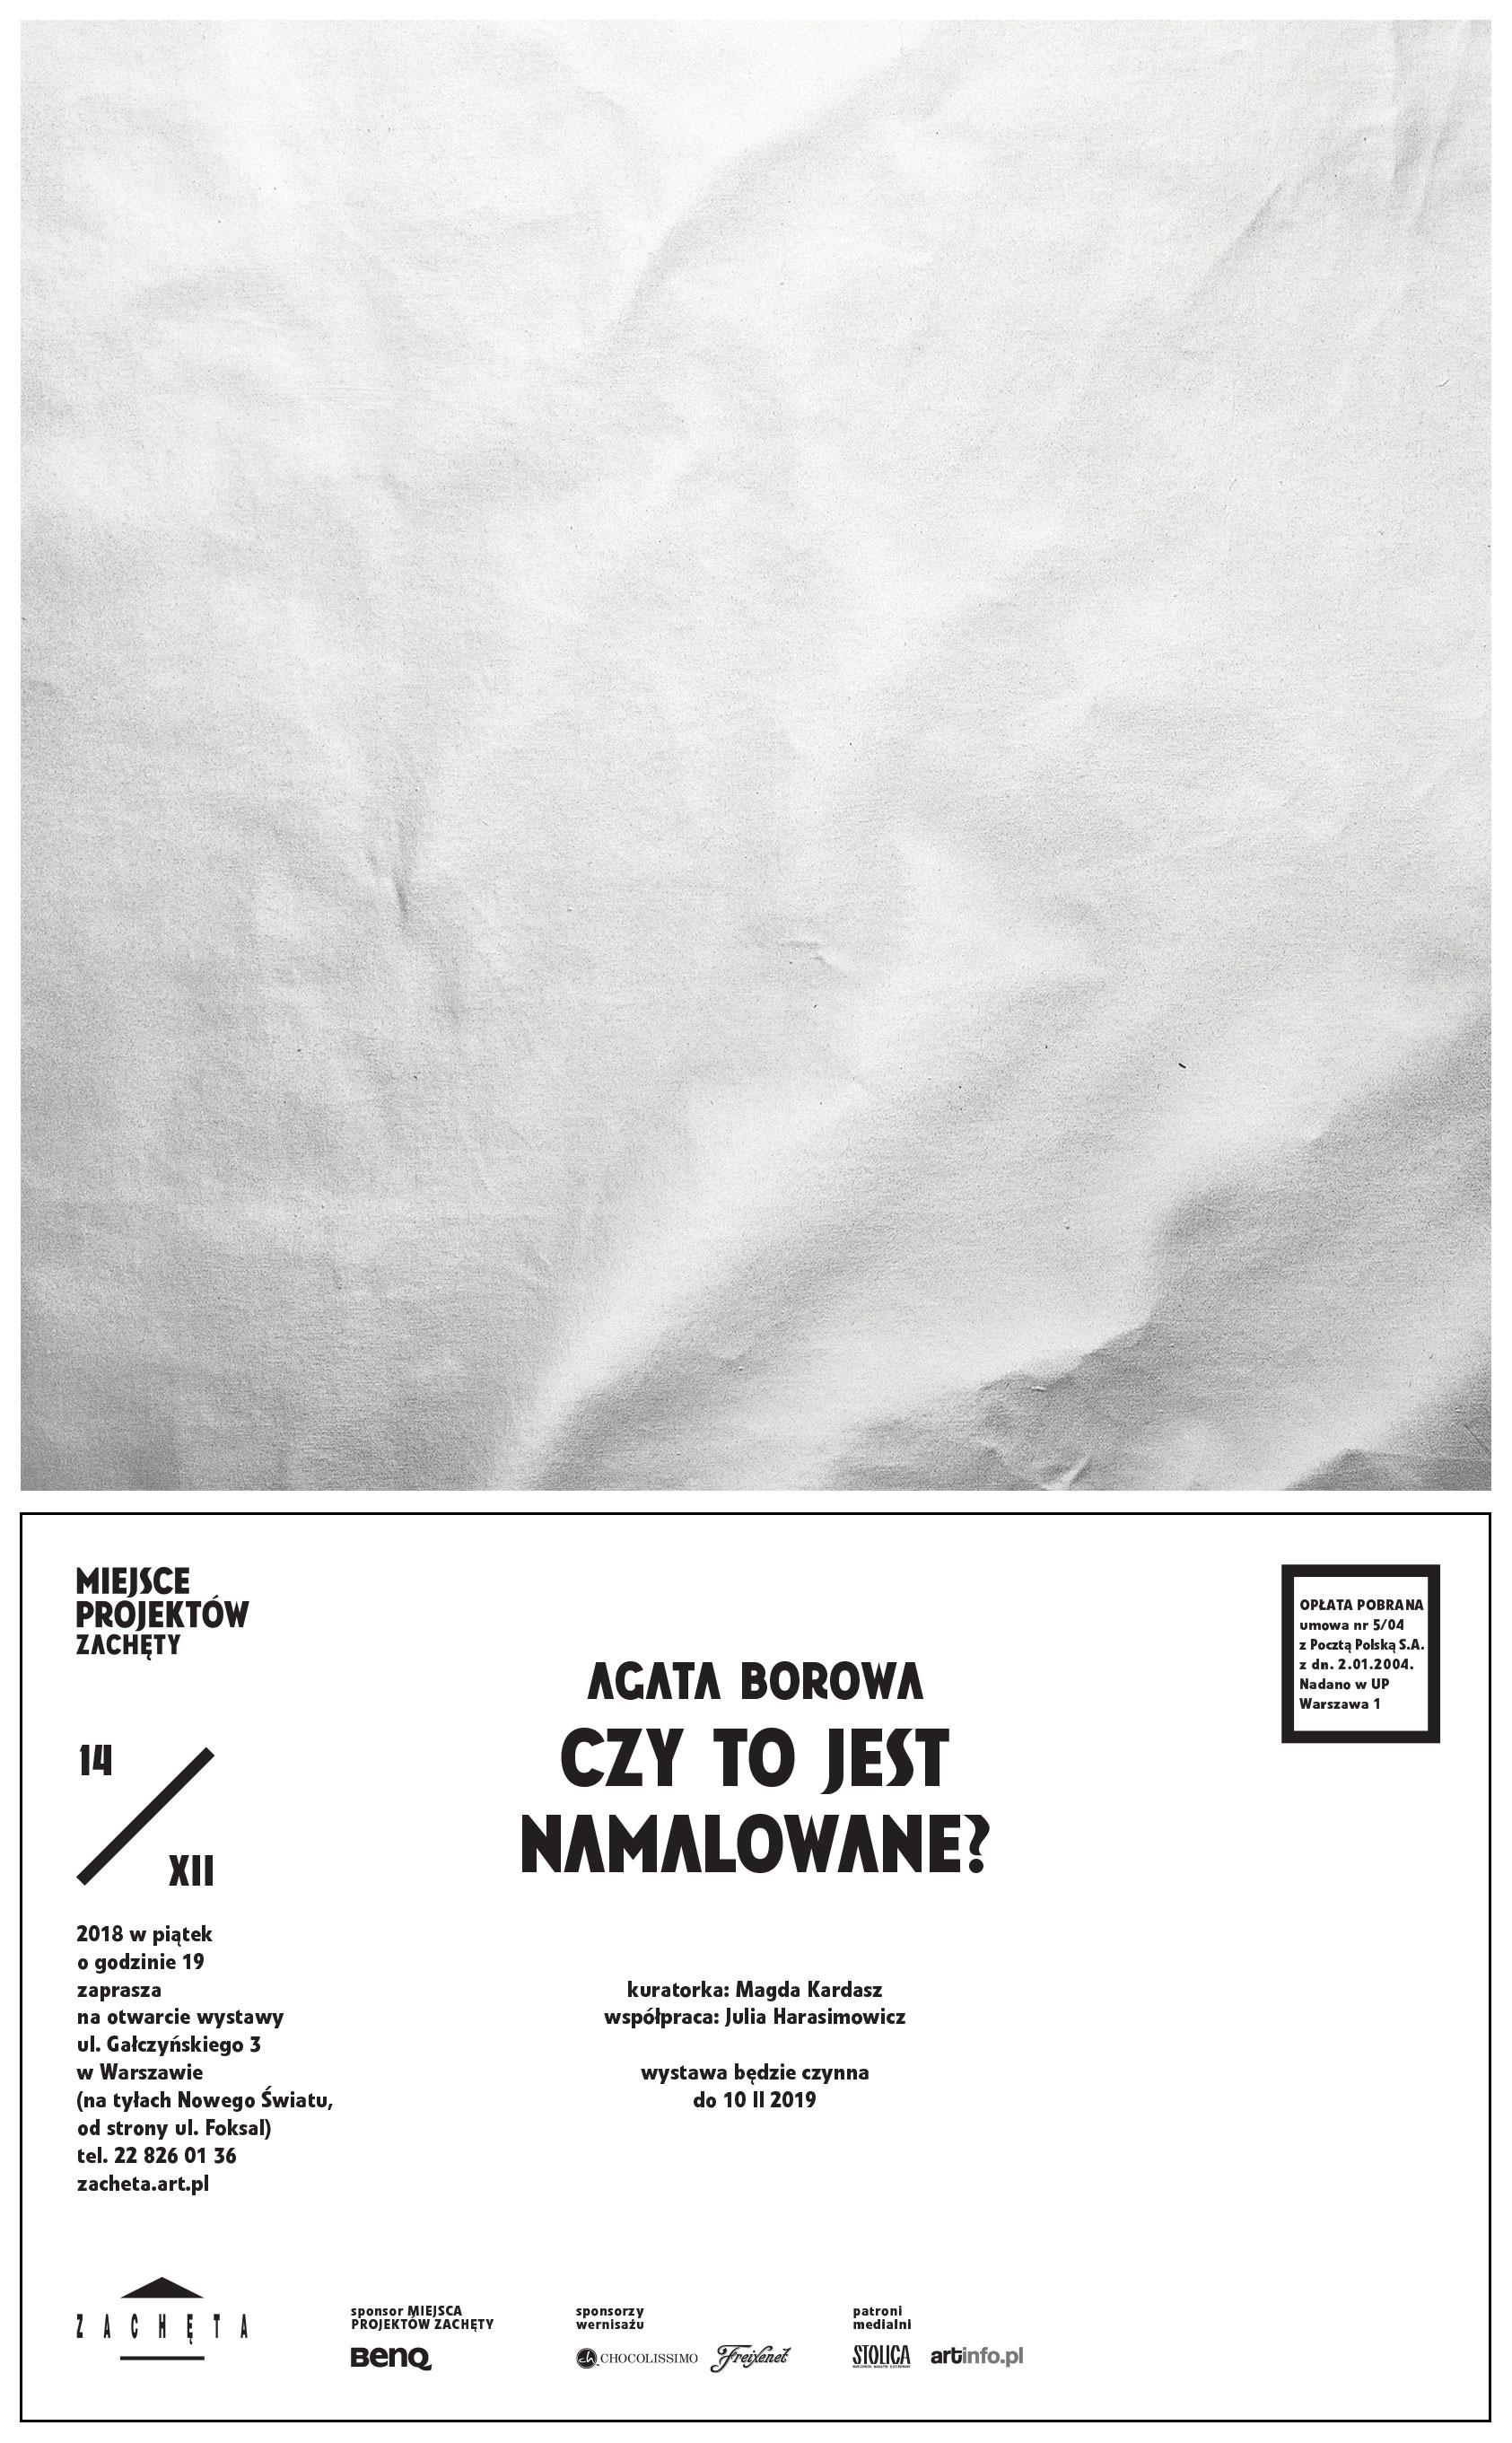 """Agata Borowa – """"Czy to jest namalowane?"""" (źródło: materiały prasowe organizatora)"""